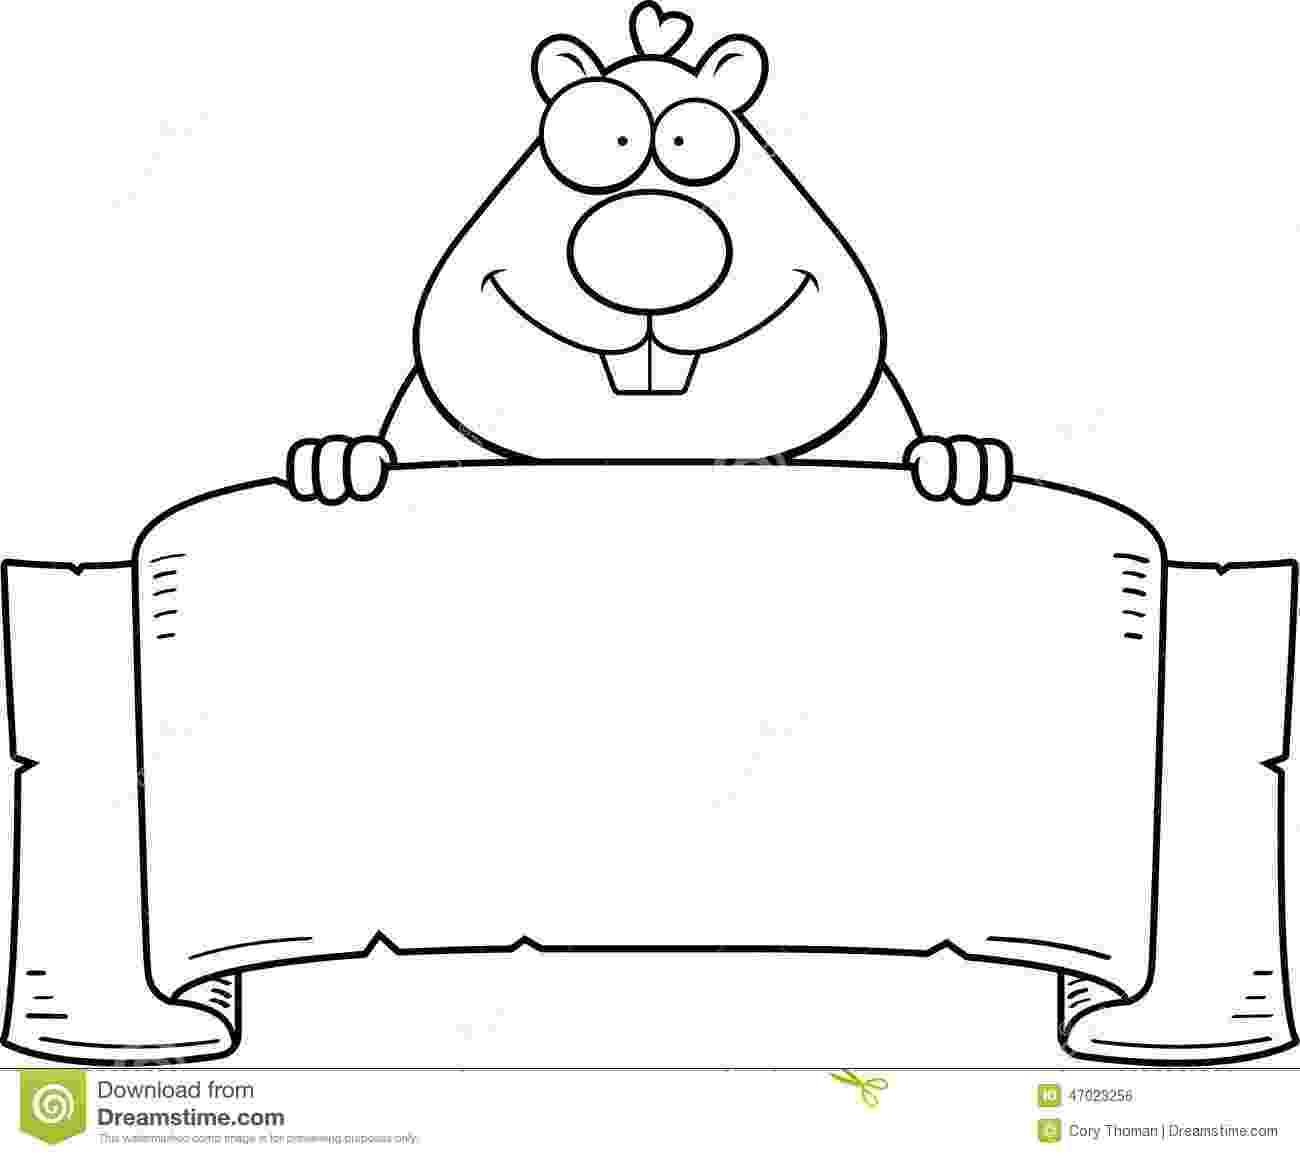 cartoon hamster cartoon hamster banner stock vector illustration of sign cartoon hamster